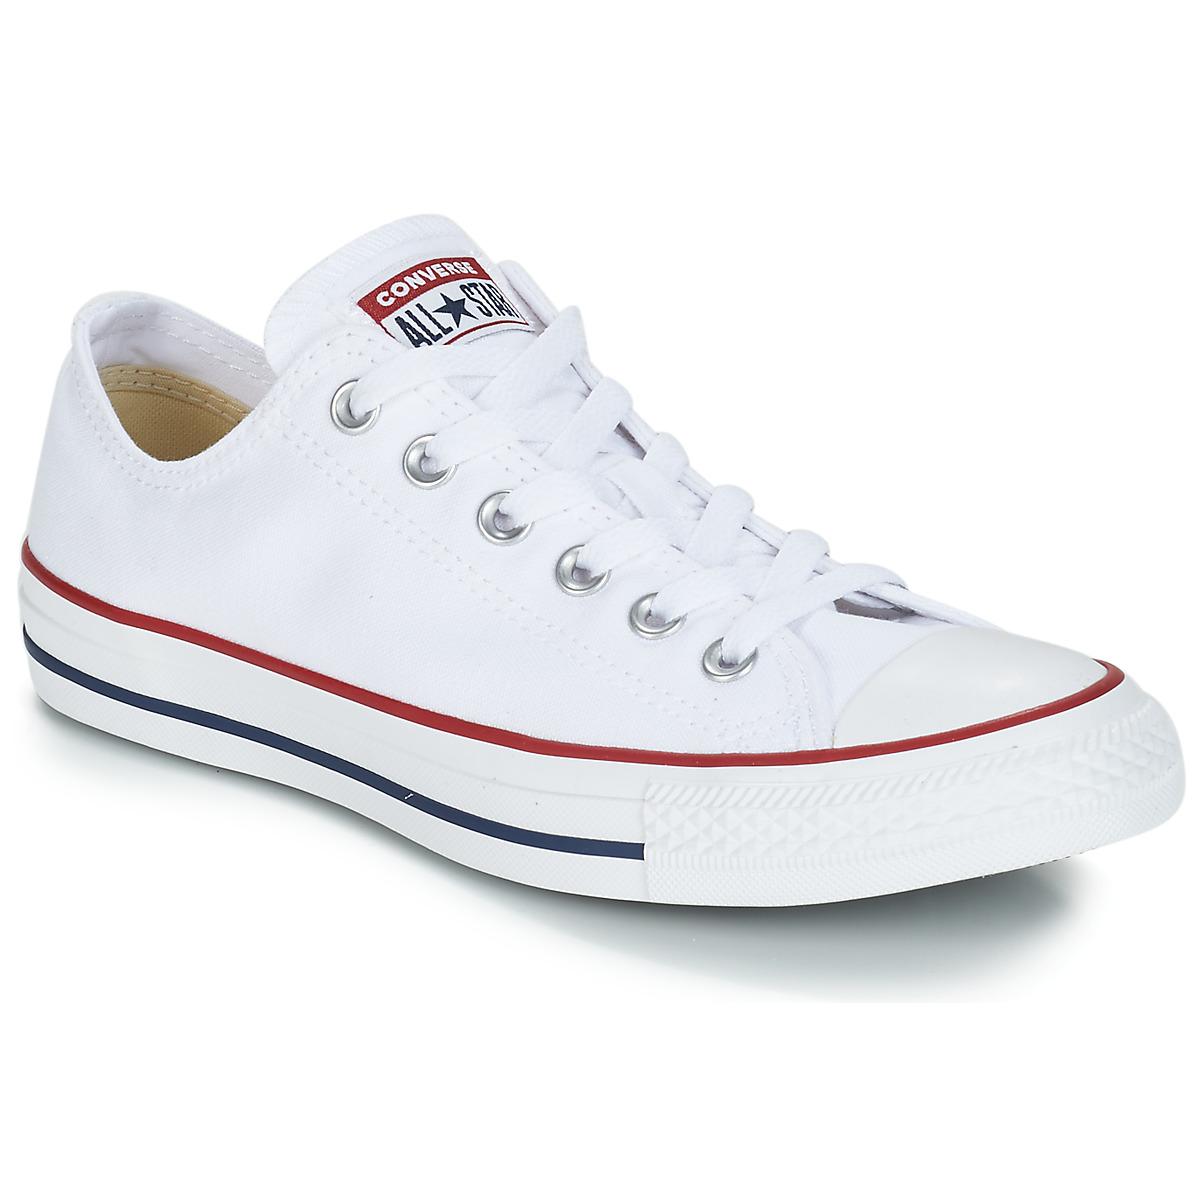 2bf28a4e966 Converse CHUCK TAYLOR ALL STAR CORE OX Branco - Entrega gratuita com a  Spartoo.pt ! - Sapatos Sapatilhas 67